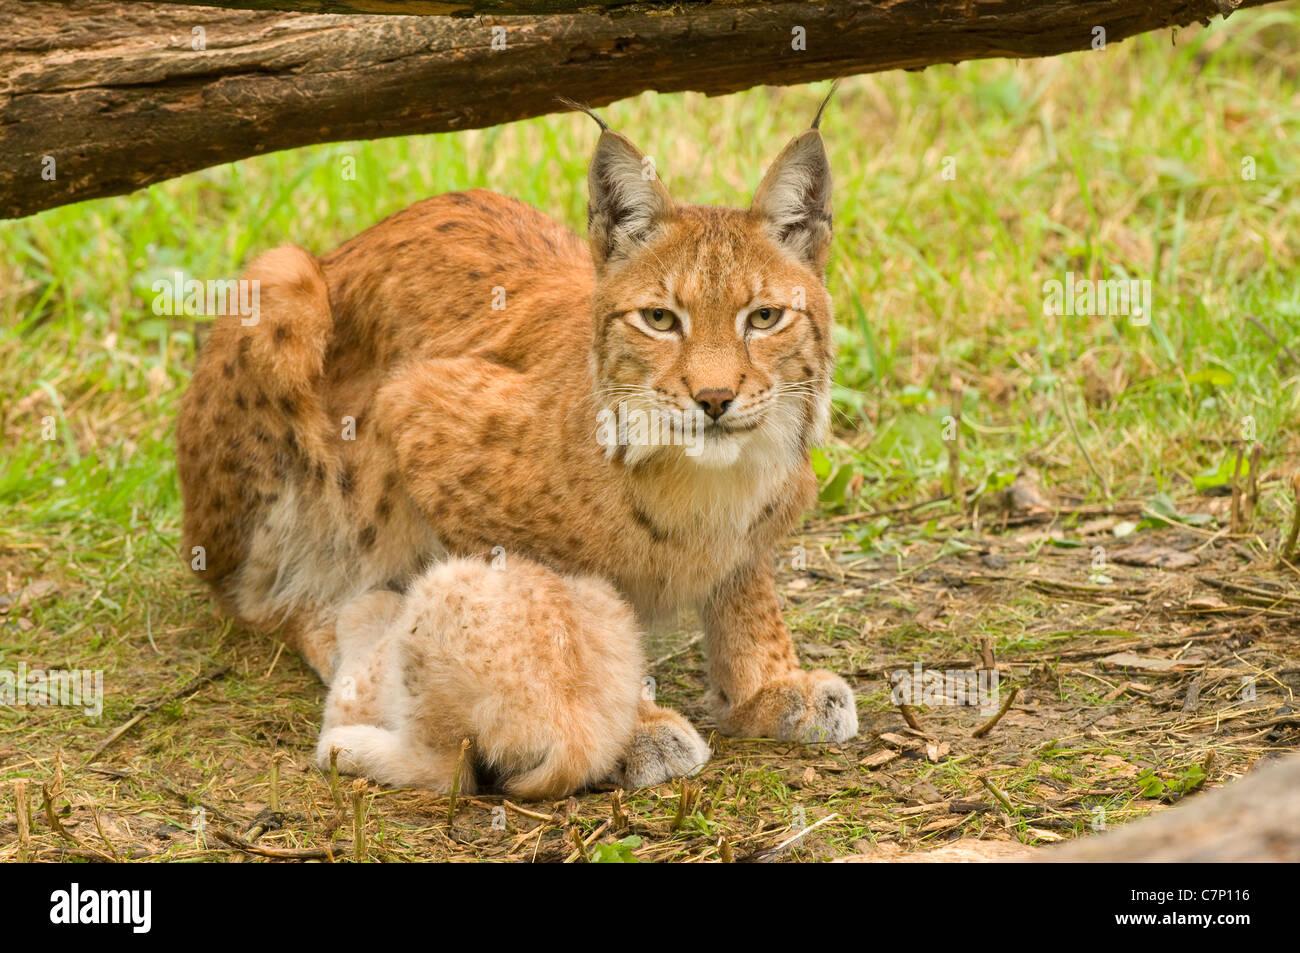 Kerkrade Niederlande eurasischer luchs lynx lynx erwachsene weibliche sitzen im rasen